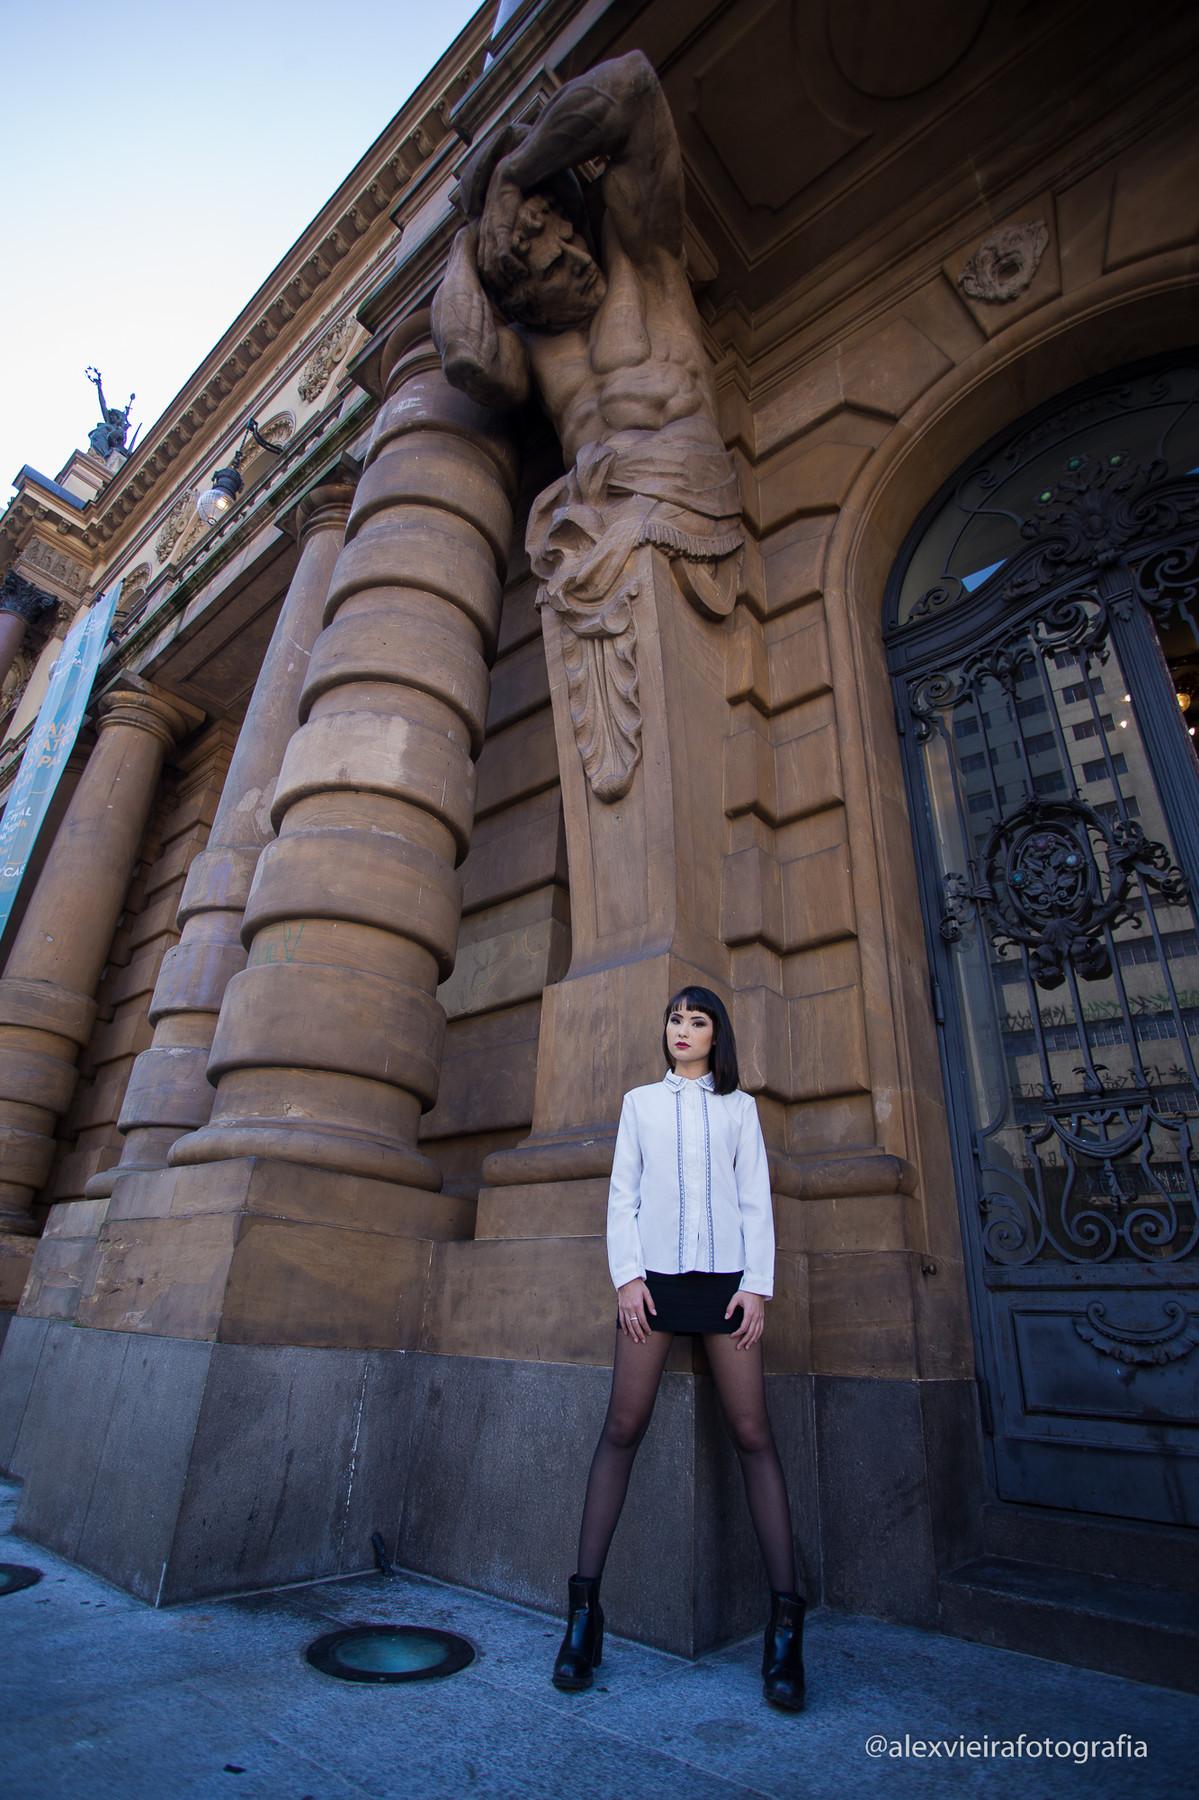 Ensaio Fotográfico dirigido e realizado pelo fotógrafo Alex Vieira @alexvieirafotografia e sua equipe , com a Linda Top Fashion model Sayuri em Capital de São Paulo , centro antigo.